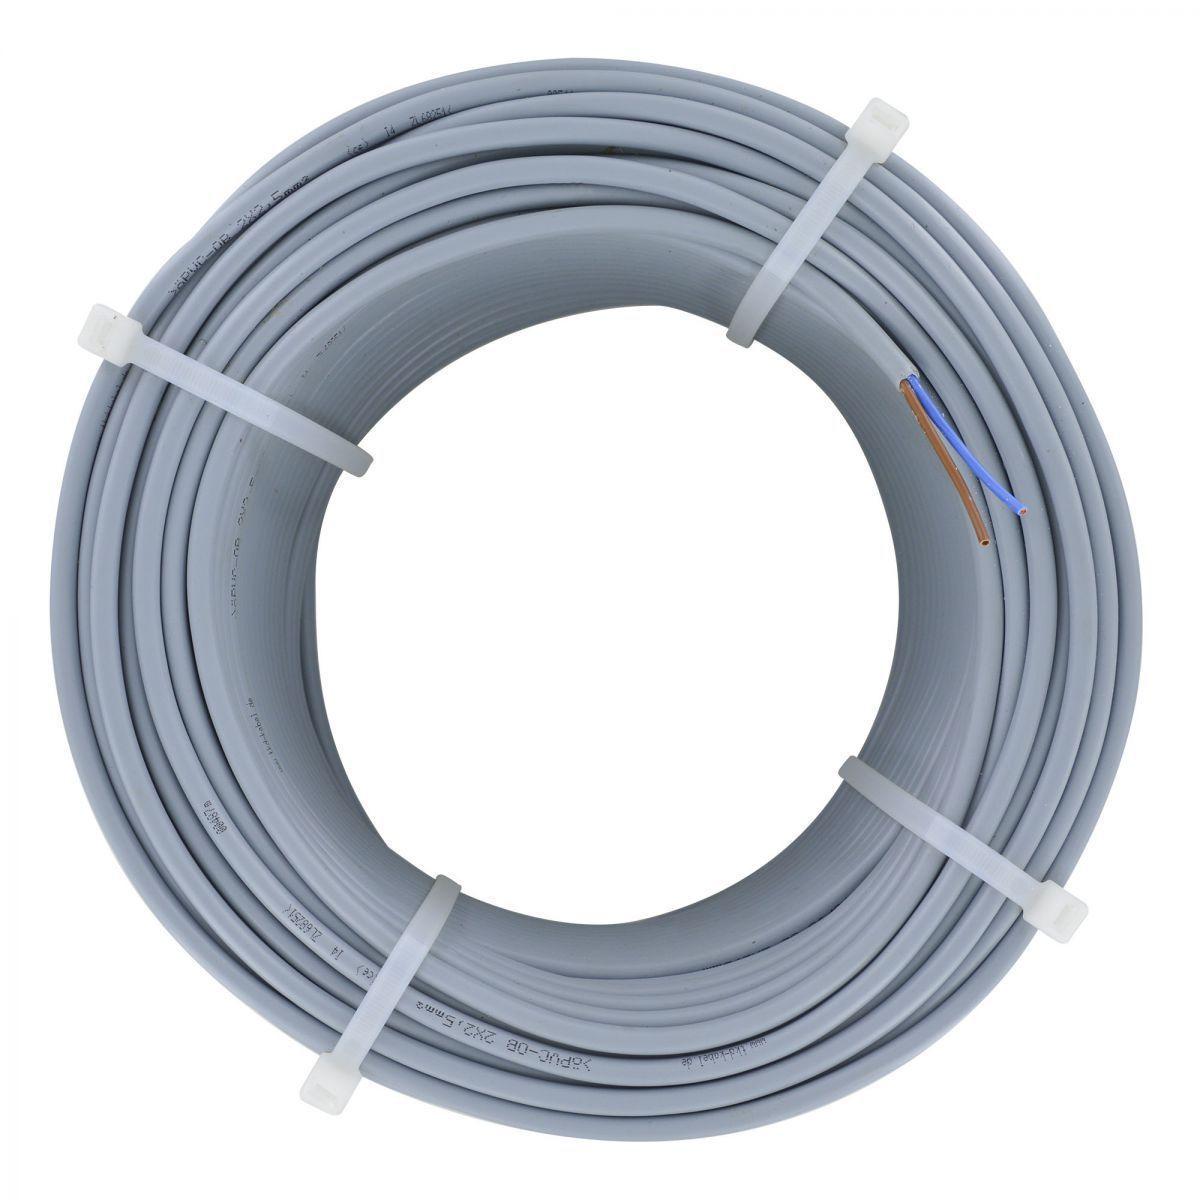 kabel 2x25 mm liyy 100 m wenn 10m kabel powerunit nicht reicht